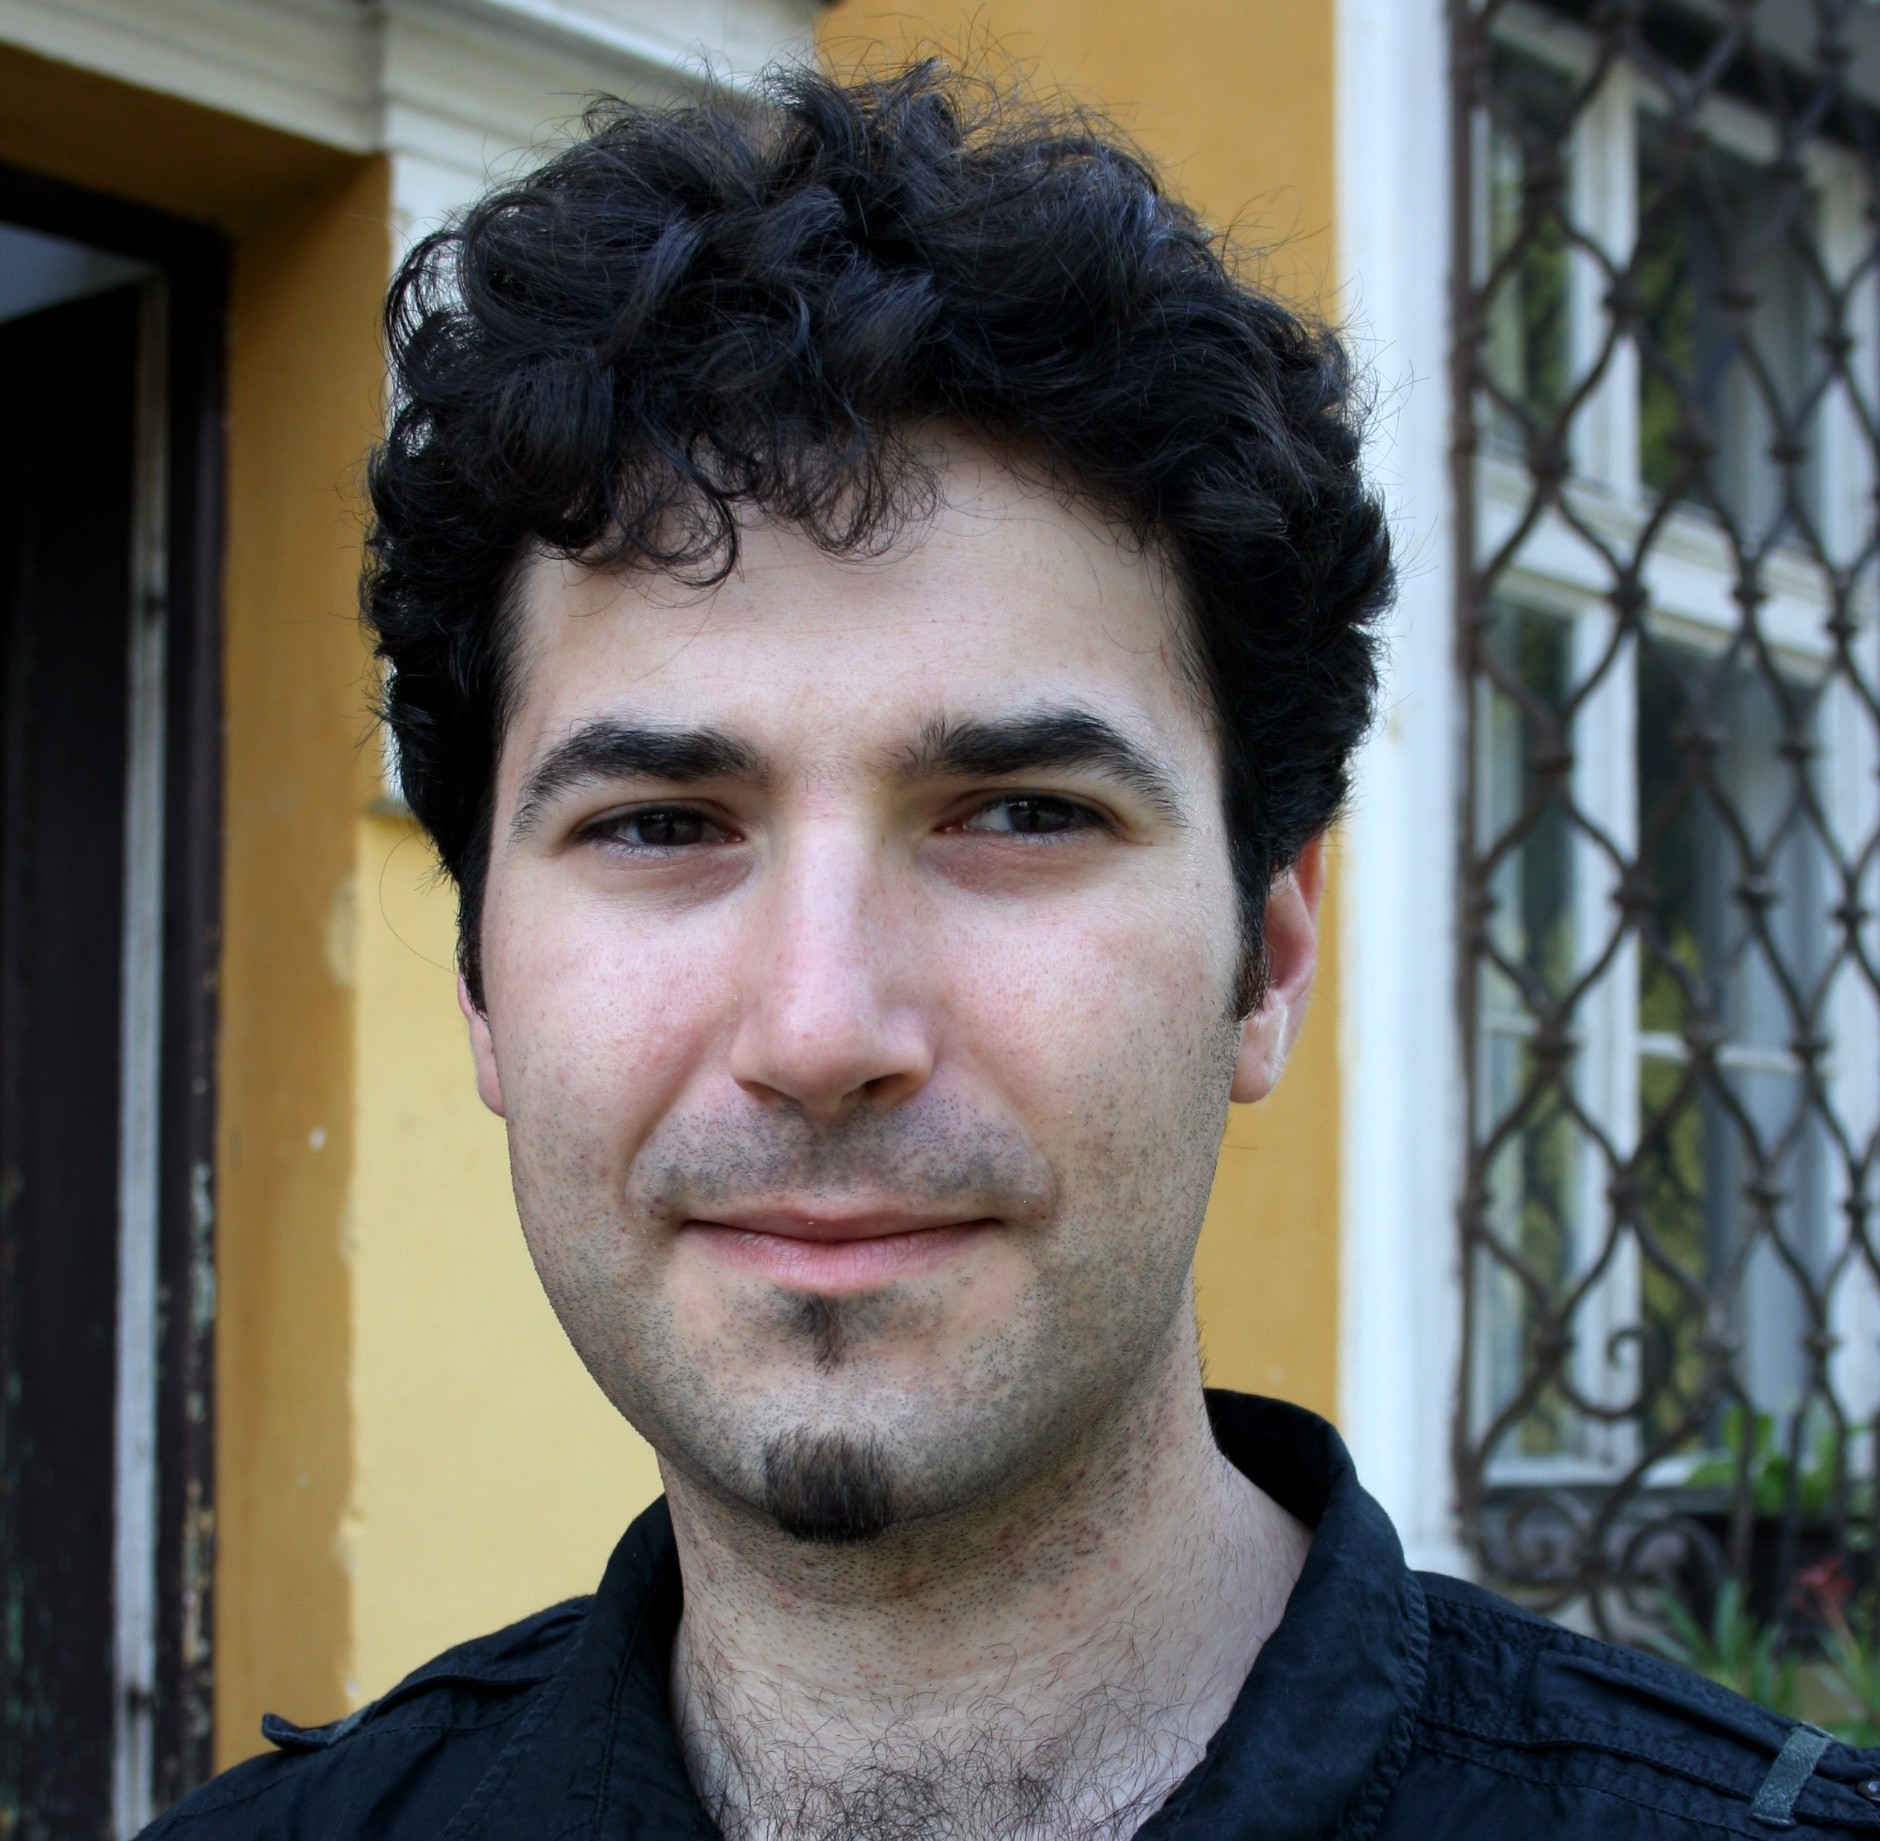 Gaborják Ádám a 2011-es JAK-táborban, megválasztása után